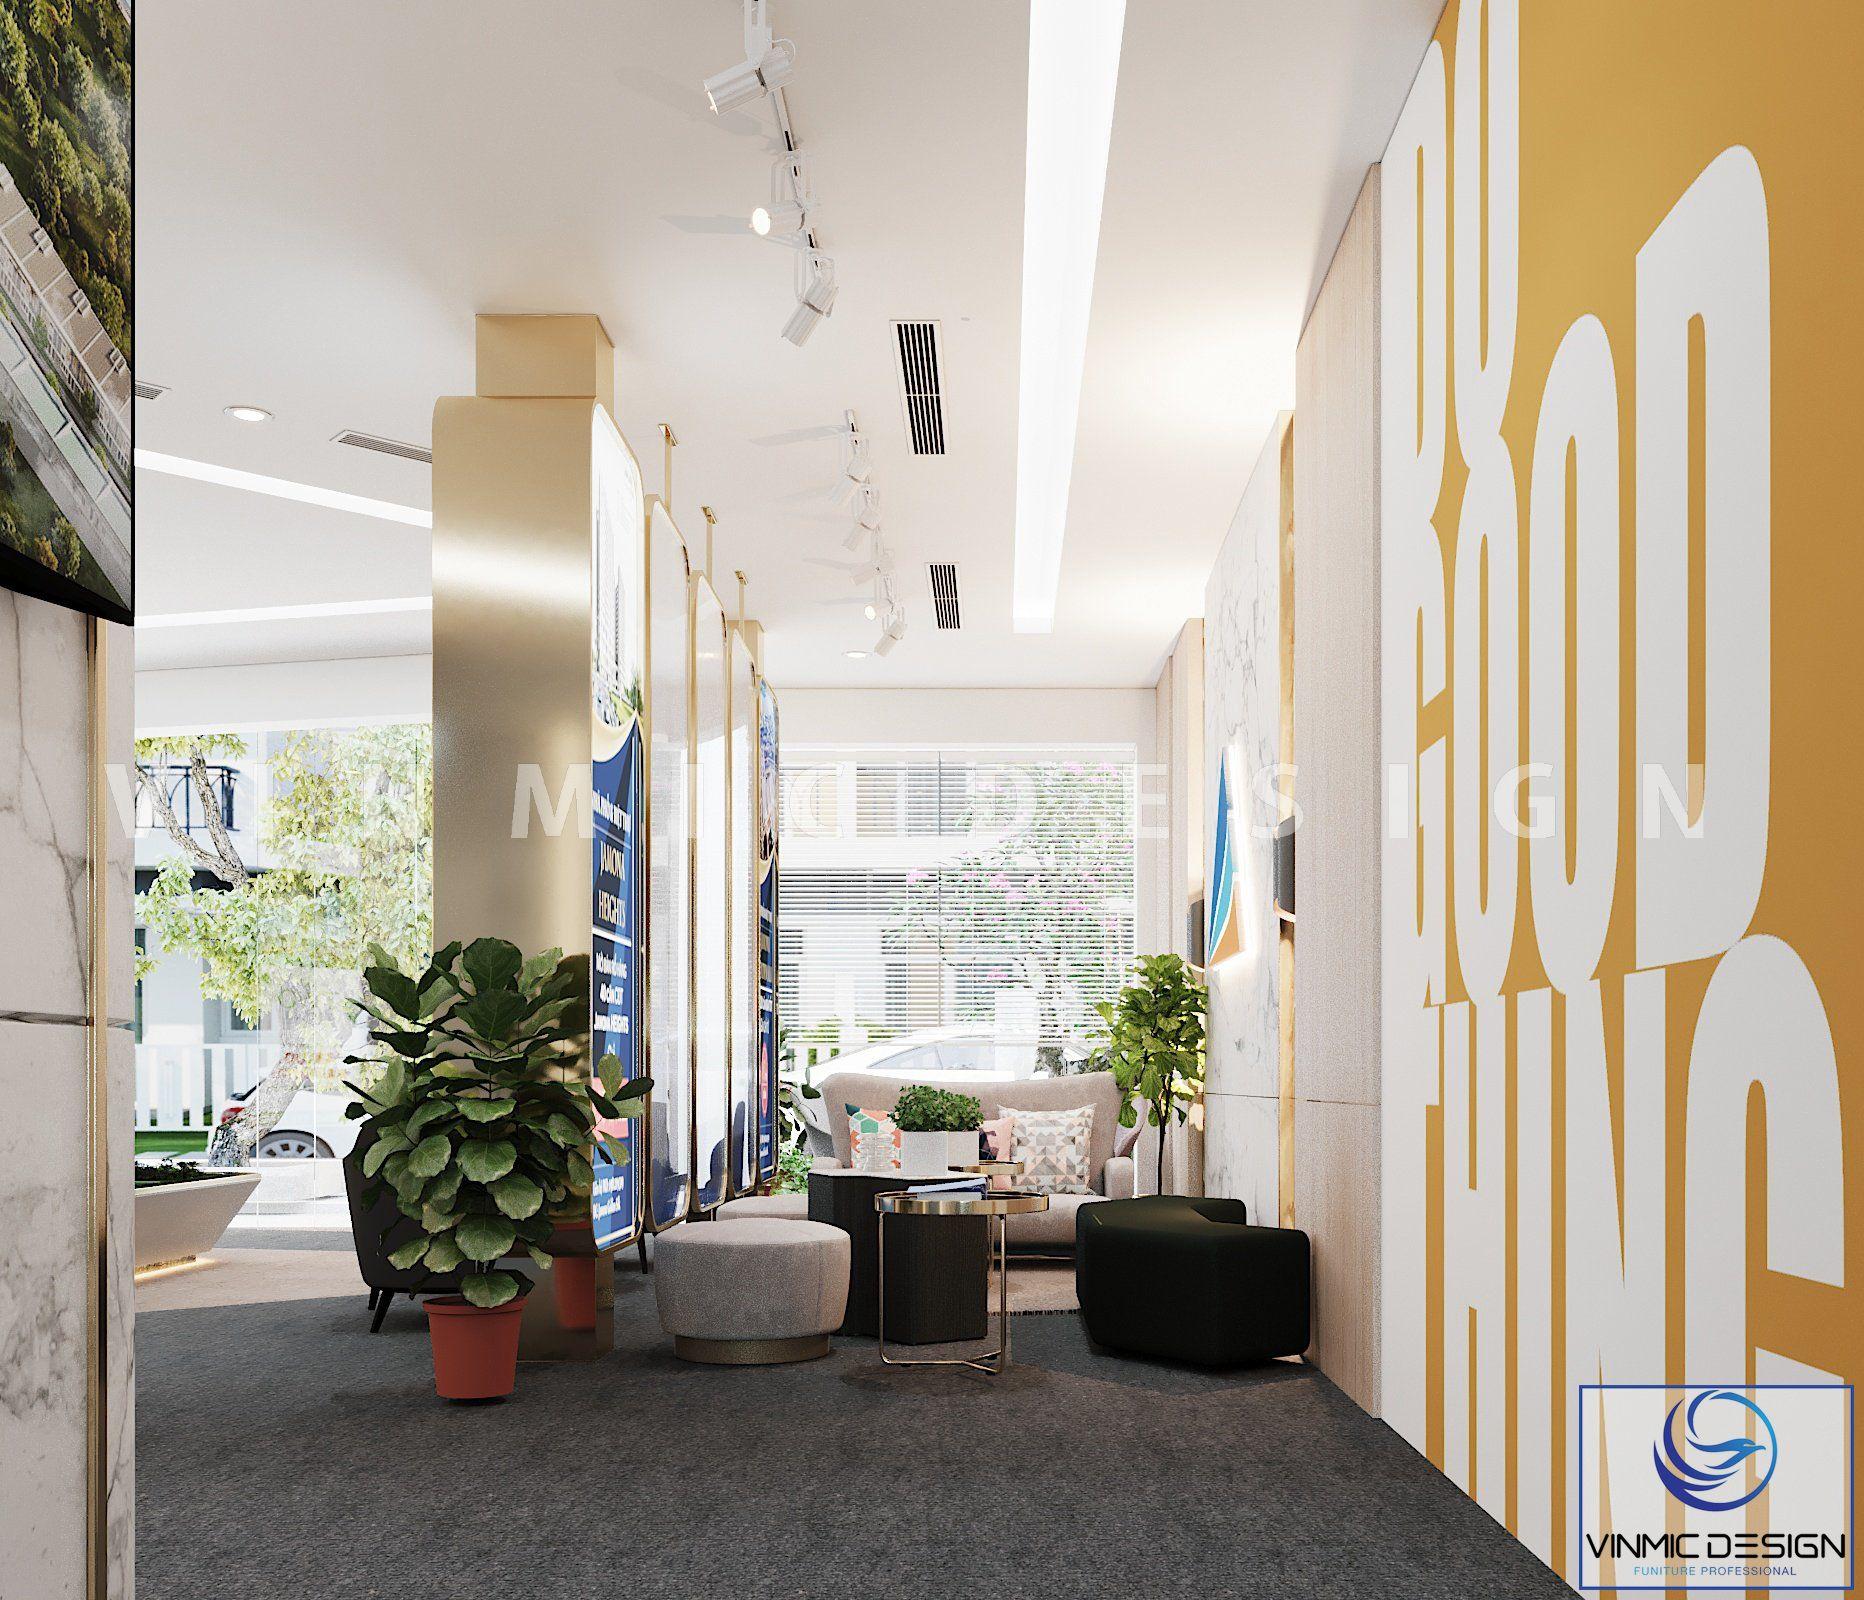 Thiết kế nội thất văn phòng trẻ trung, tươi mới tại văn phòng Đất Xanh